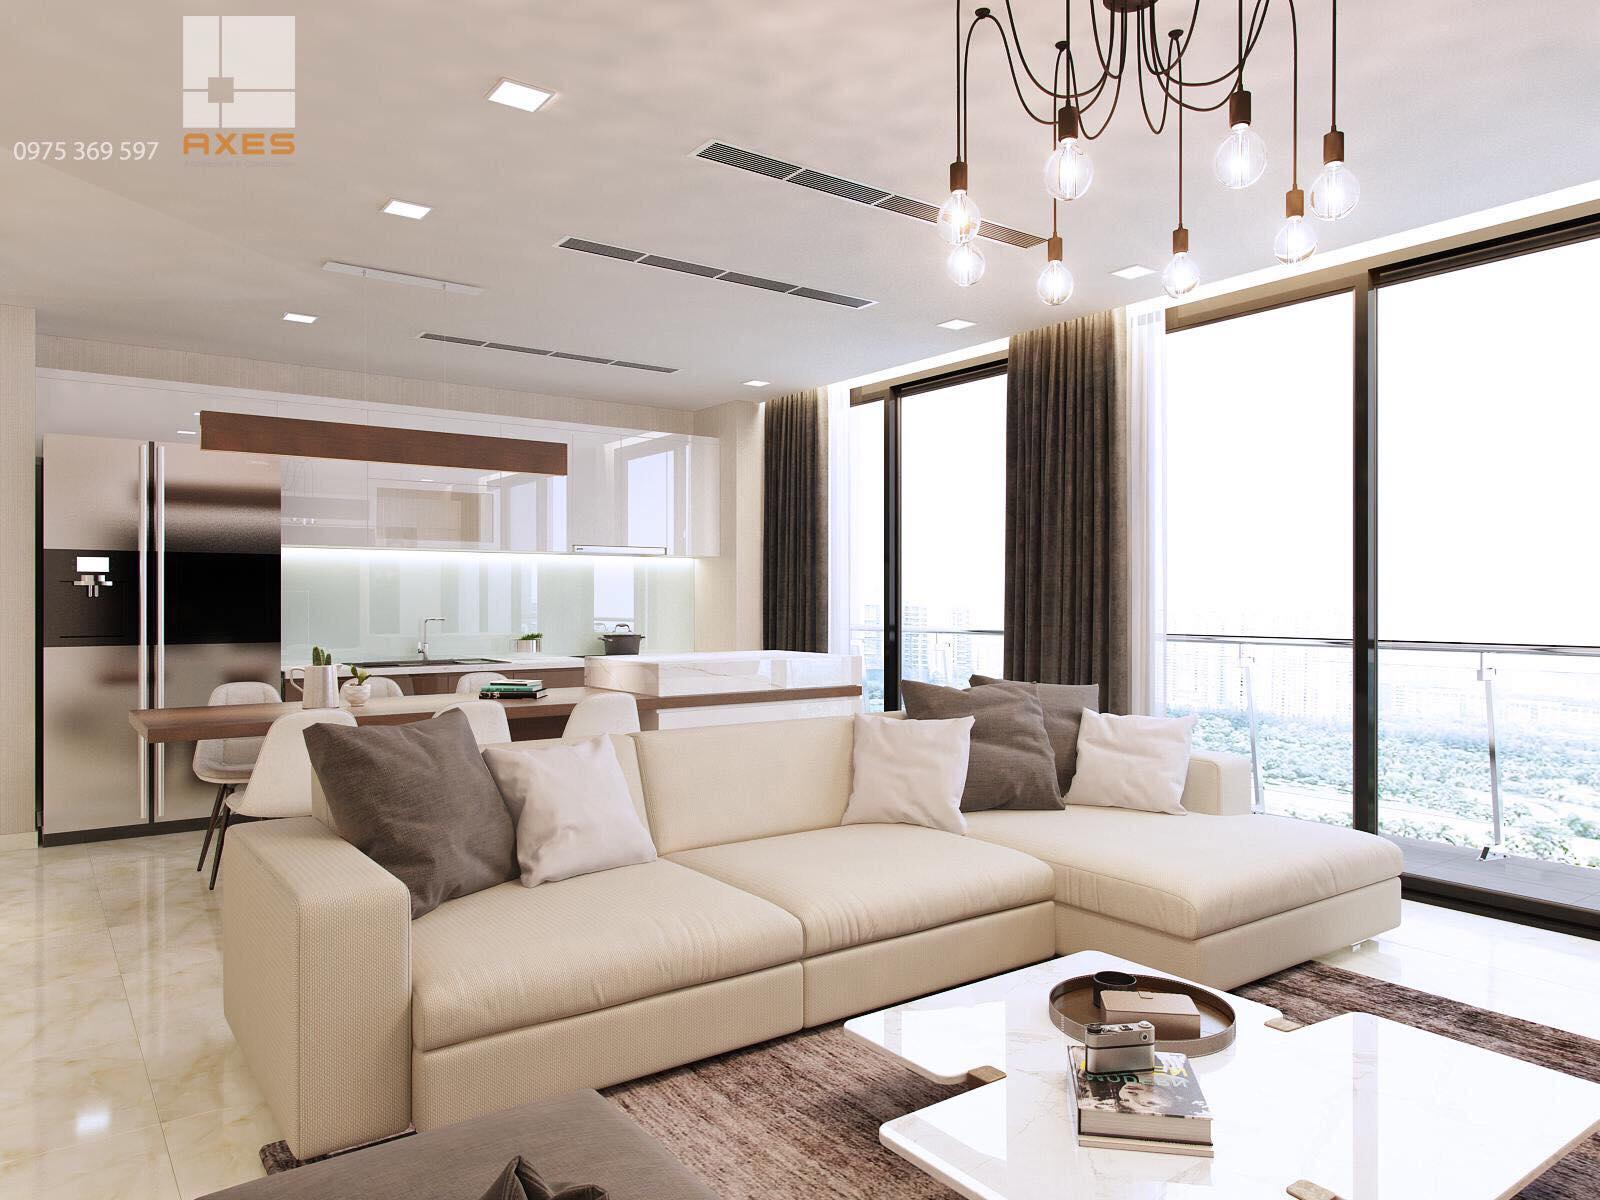 hình ảnh phòng khách thực tế căn hộ cho thuê